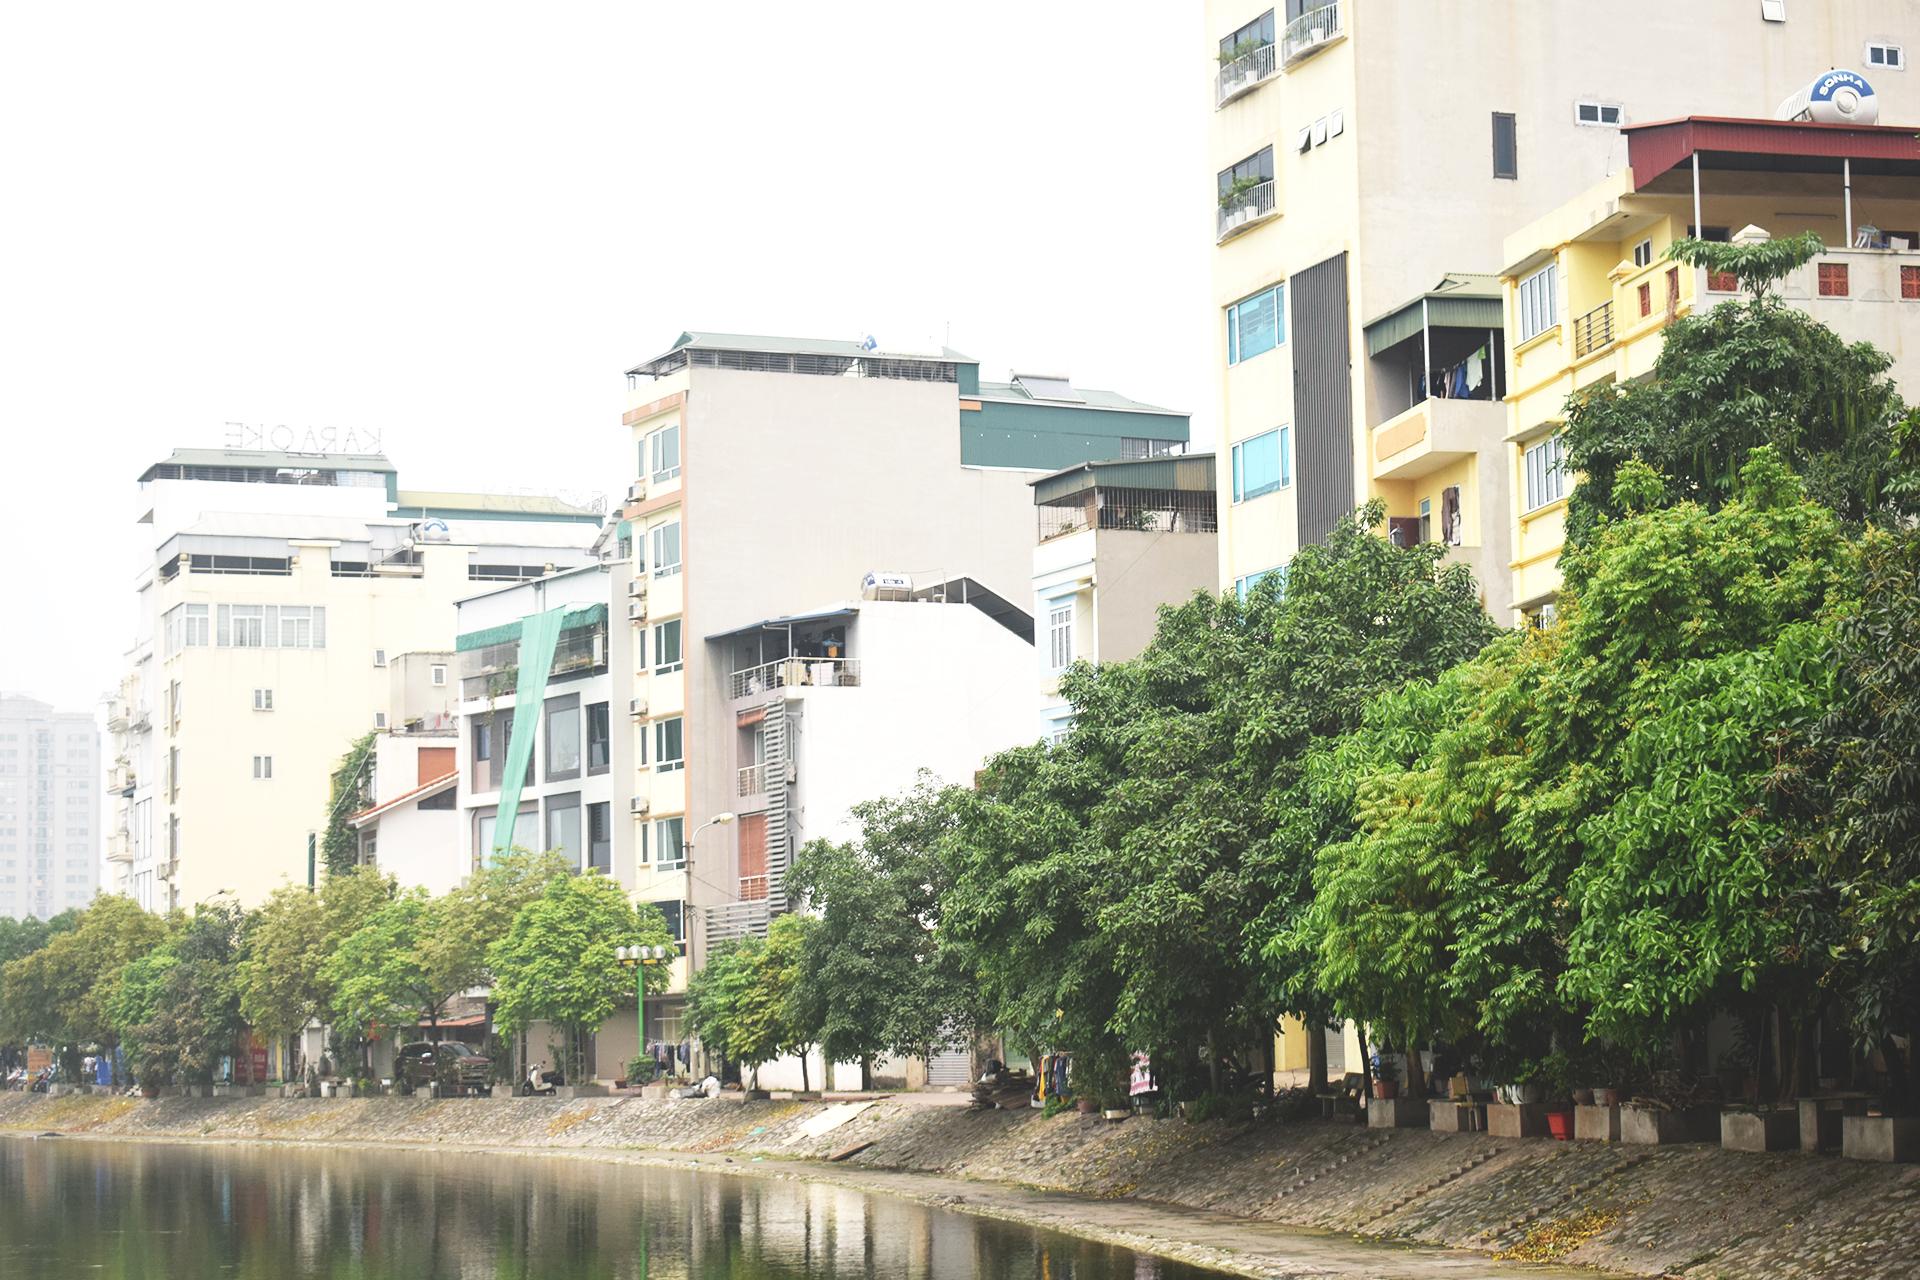 Hai khu đất dính quy hoạch ở phường Phương Liệt, Thanh Xuân, Hà Nội - Ảnh 7.